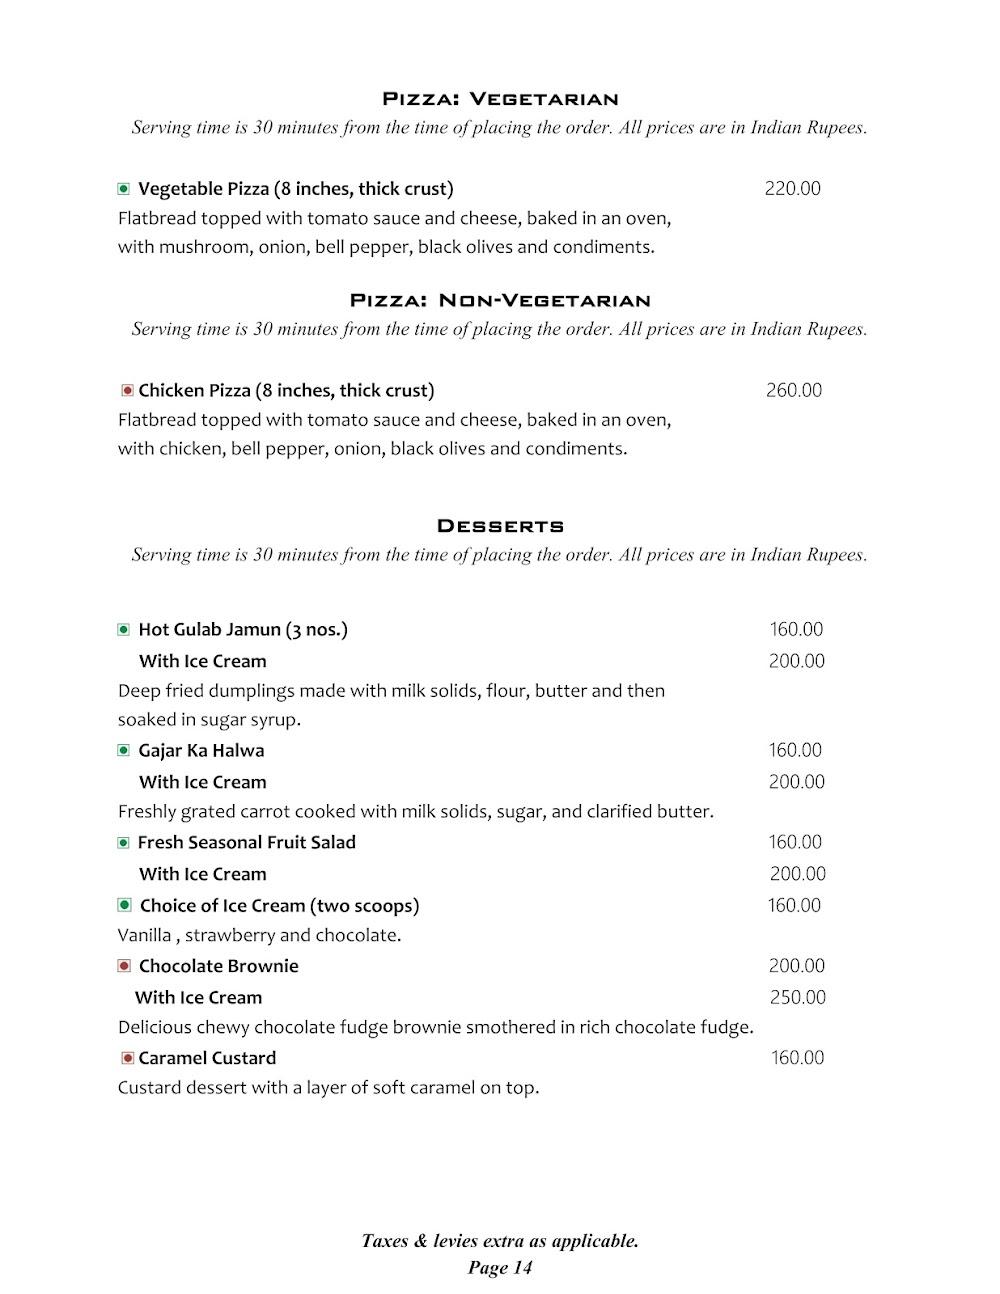 Cafe @ Elanza menu 9